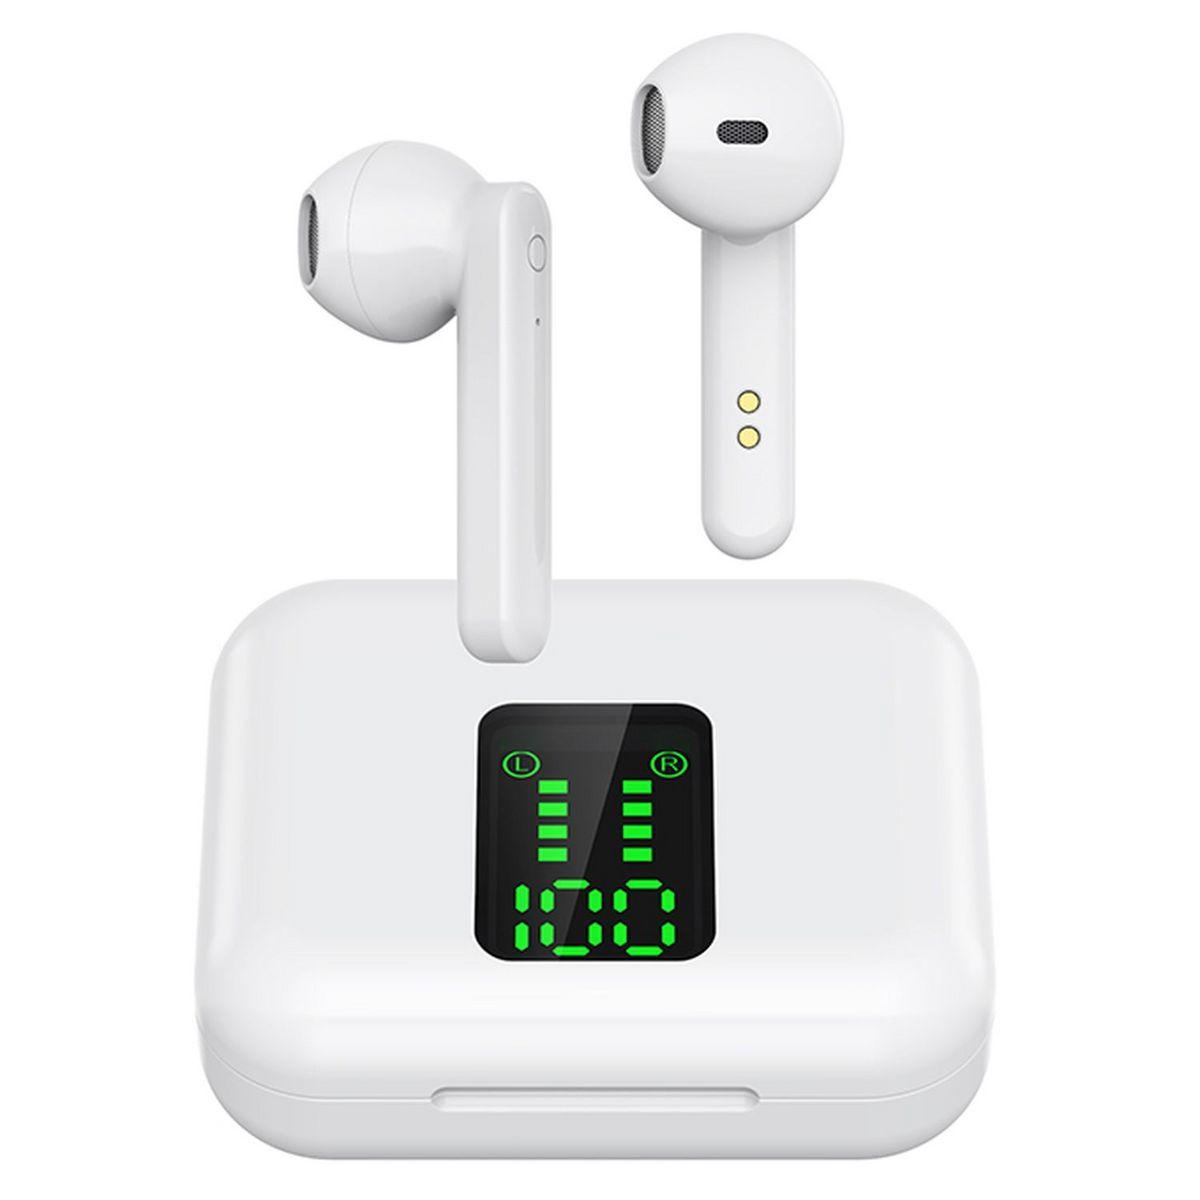 Écouteurs sans fil Bluetooth avec étui de charge et écran - Blanc - BLP 4895